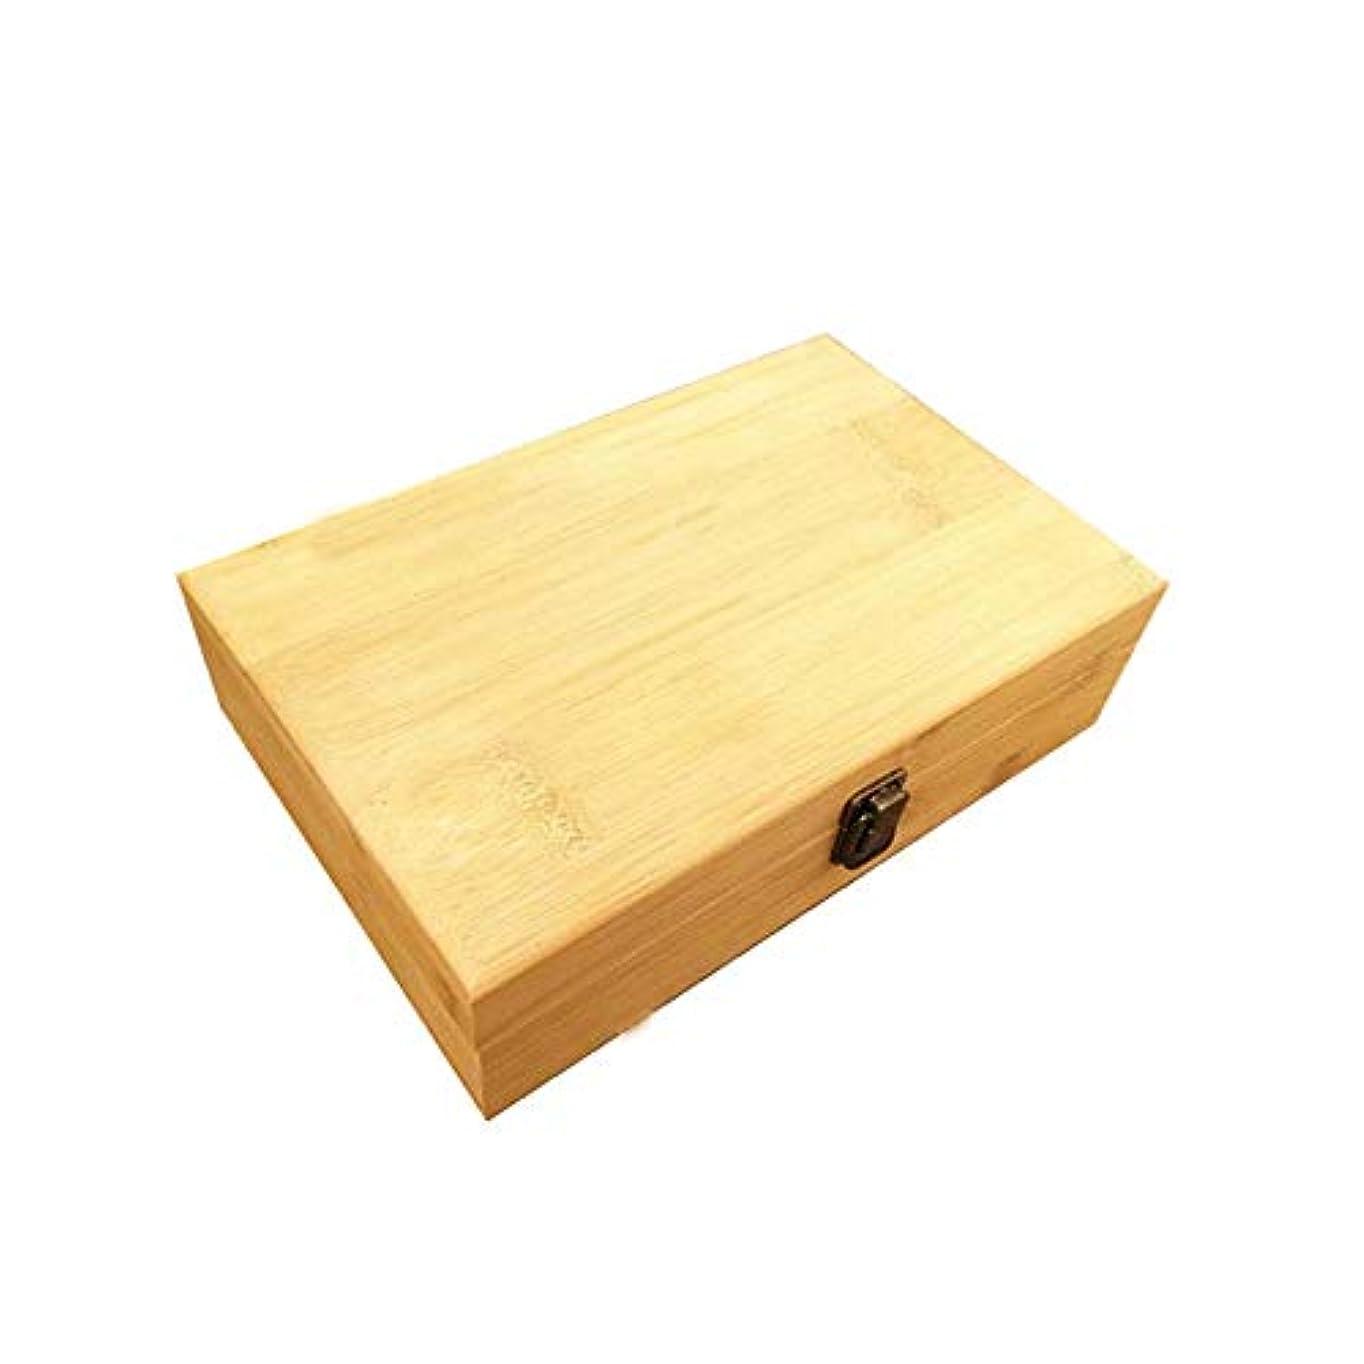 リーン促す心のこもったエッセンシャルオイルストレージボックス 40スロットエッセンシャルオイルボックス木製収納ケースは、40本のボトルエッセンシャルオイルスペースセーバーの開催します 旅行およびプレゼンテーション用 (色 : Natural, サイズ : 29X18.5X8CM)